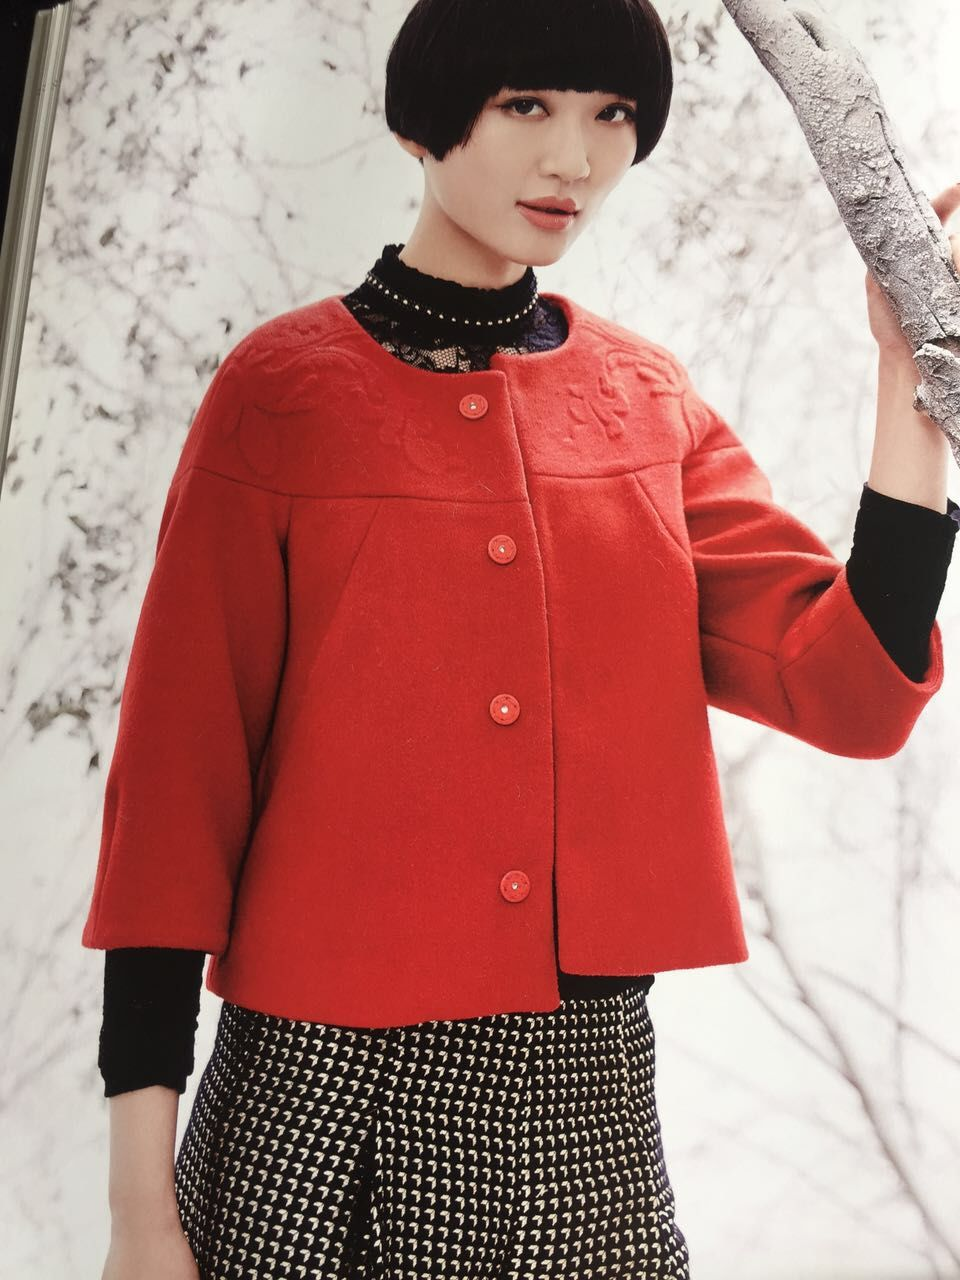 供应流行冬装棉衣批发,时尚冬装棉衣批发,上海冬装棉衣批发